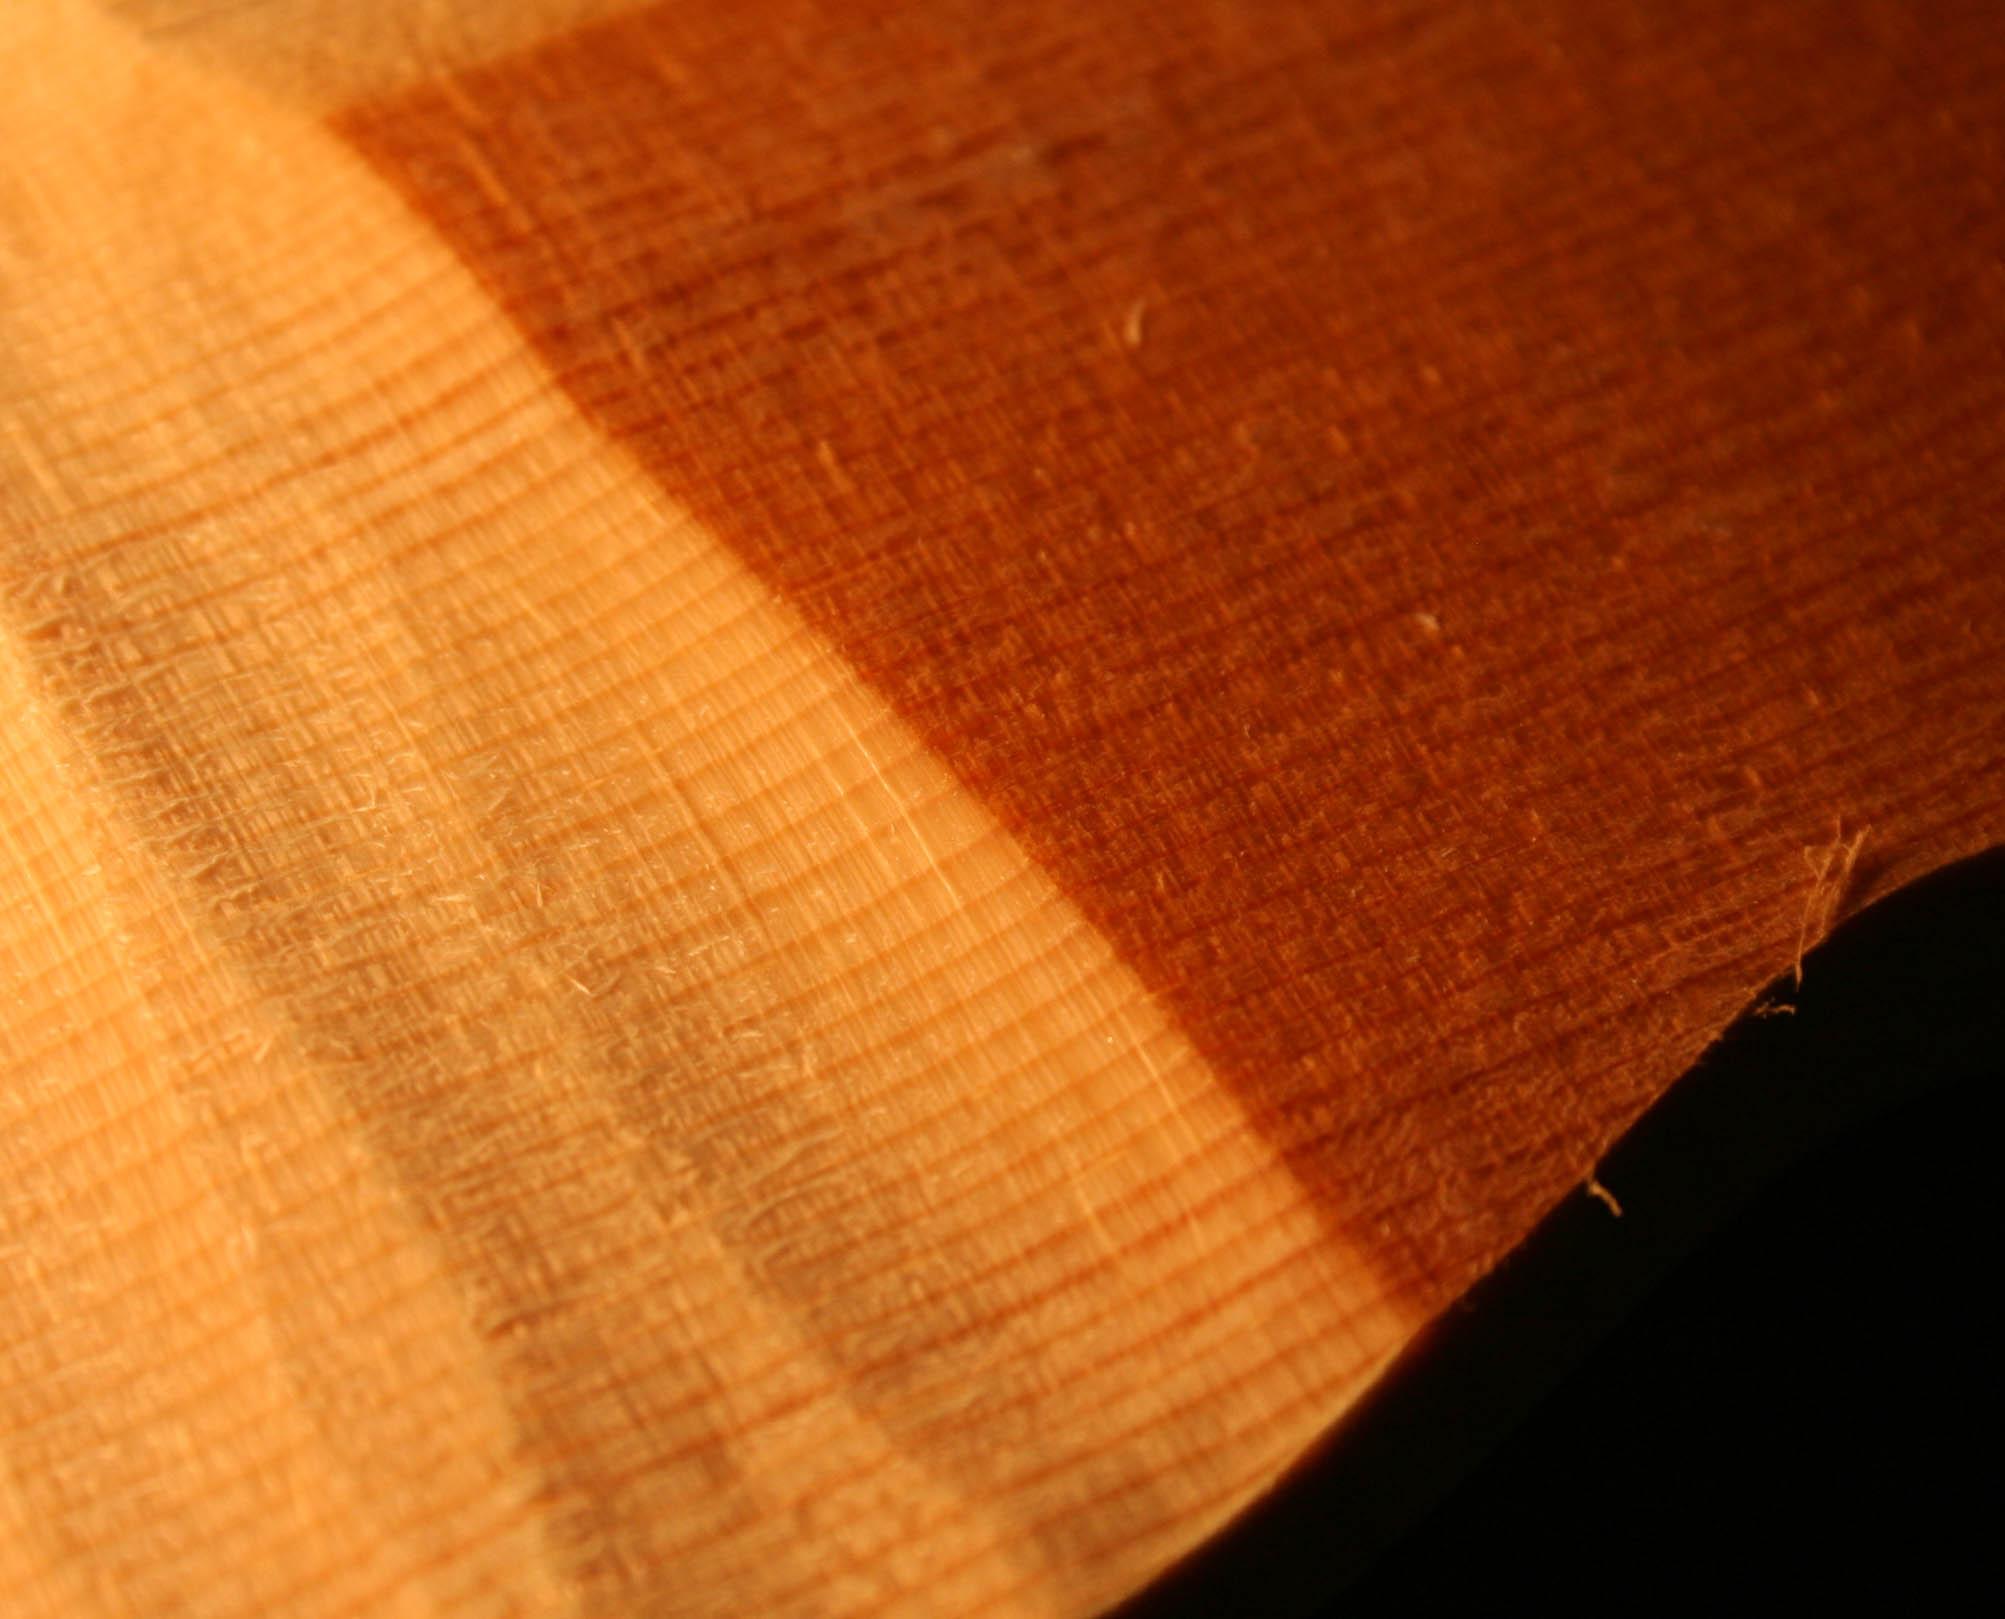 バイオリン製作ダイジェスト、、、_d0047461_23274522.jpg